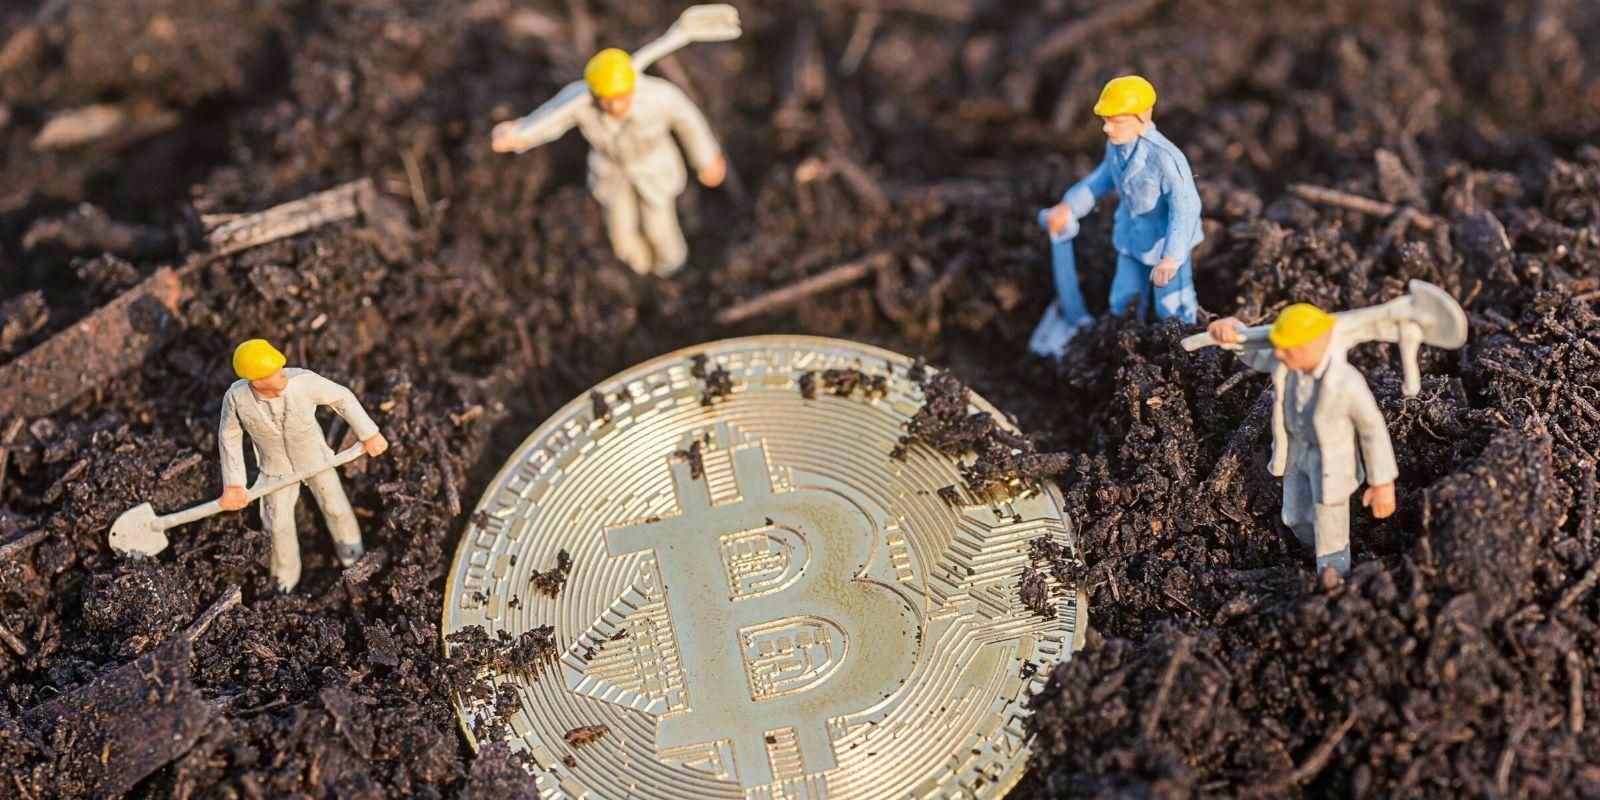 La difficulté de mining du Bitcoin (BTC) s'ajuste et baisse de 9,29%